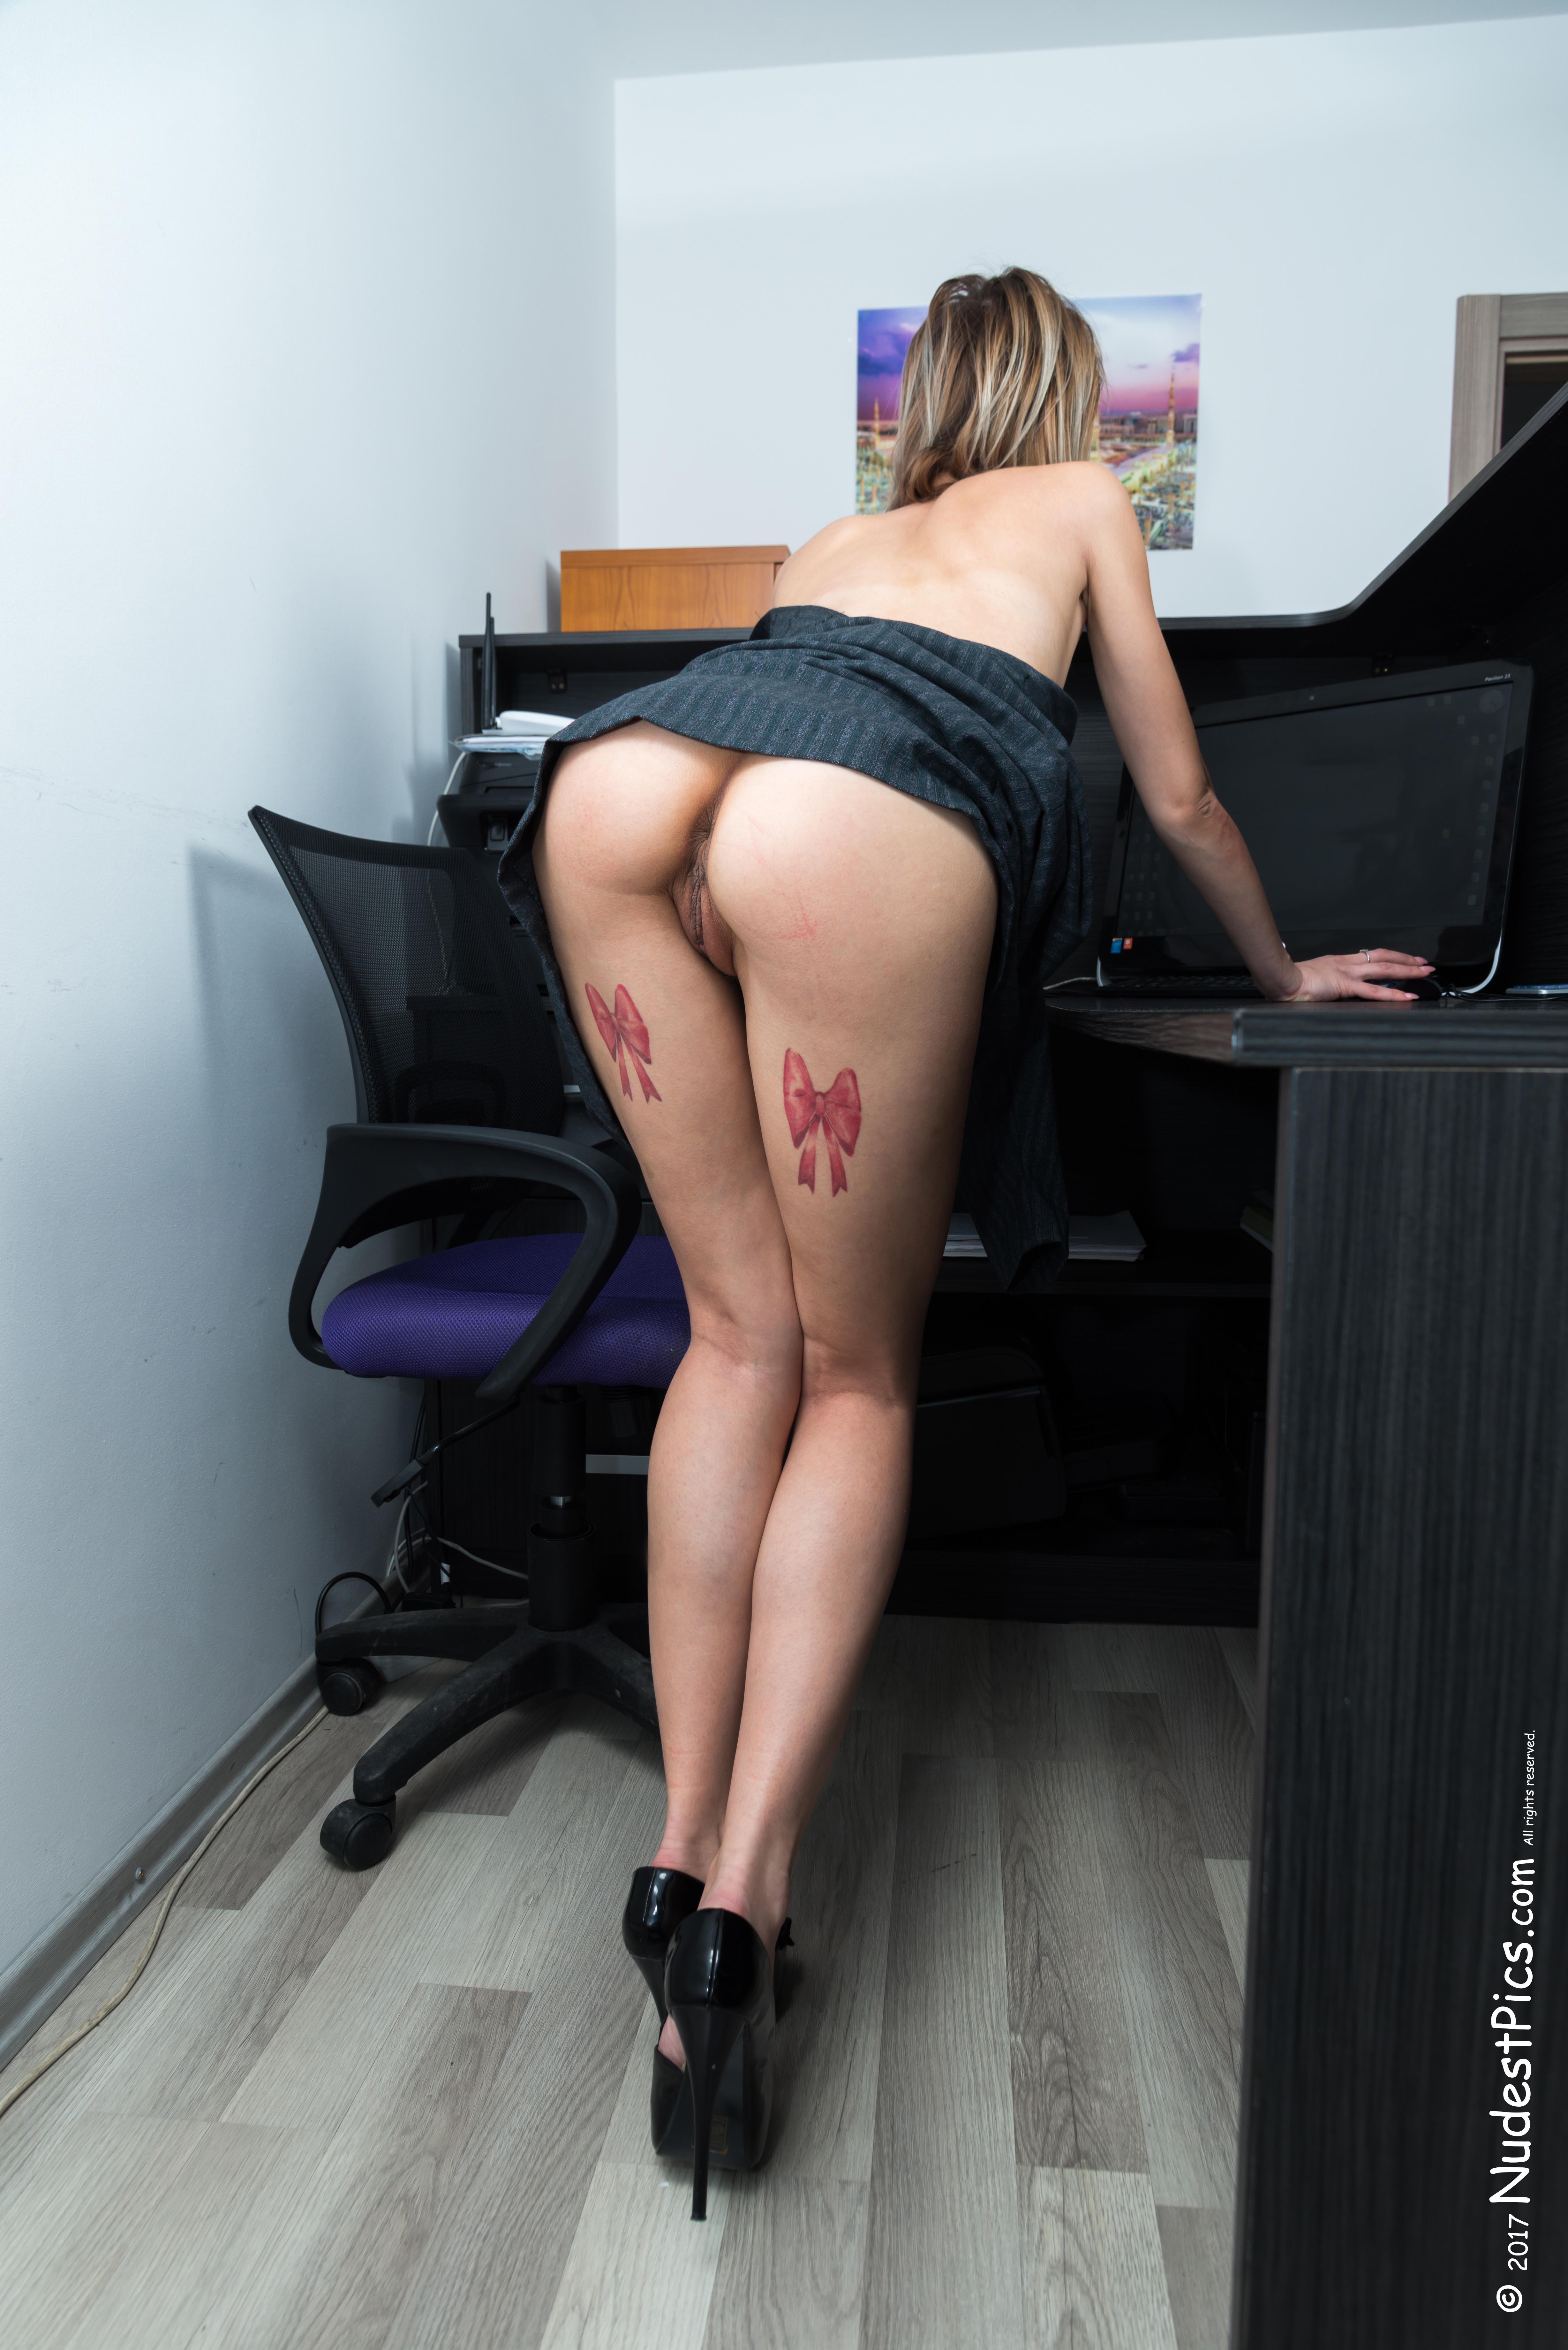 Sneak Peek Pussy & Butt at the Office HD